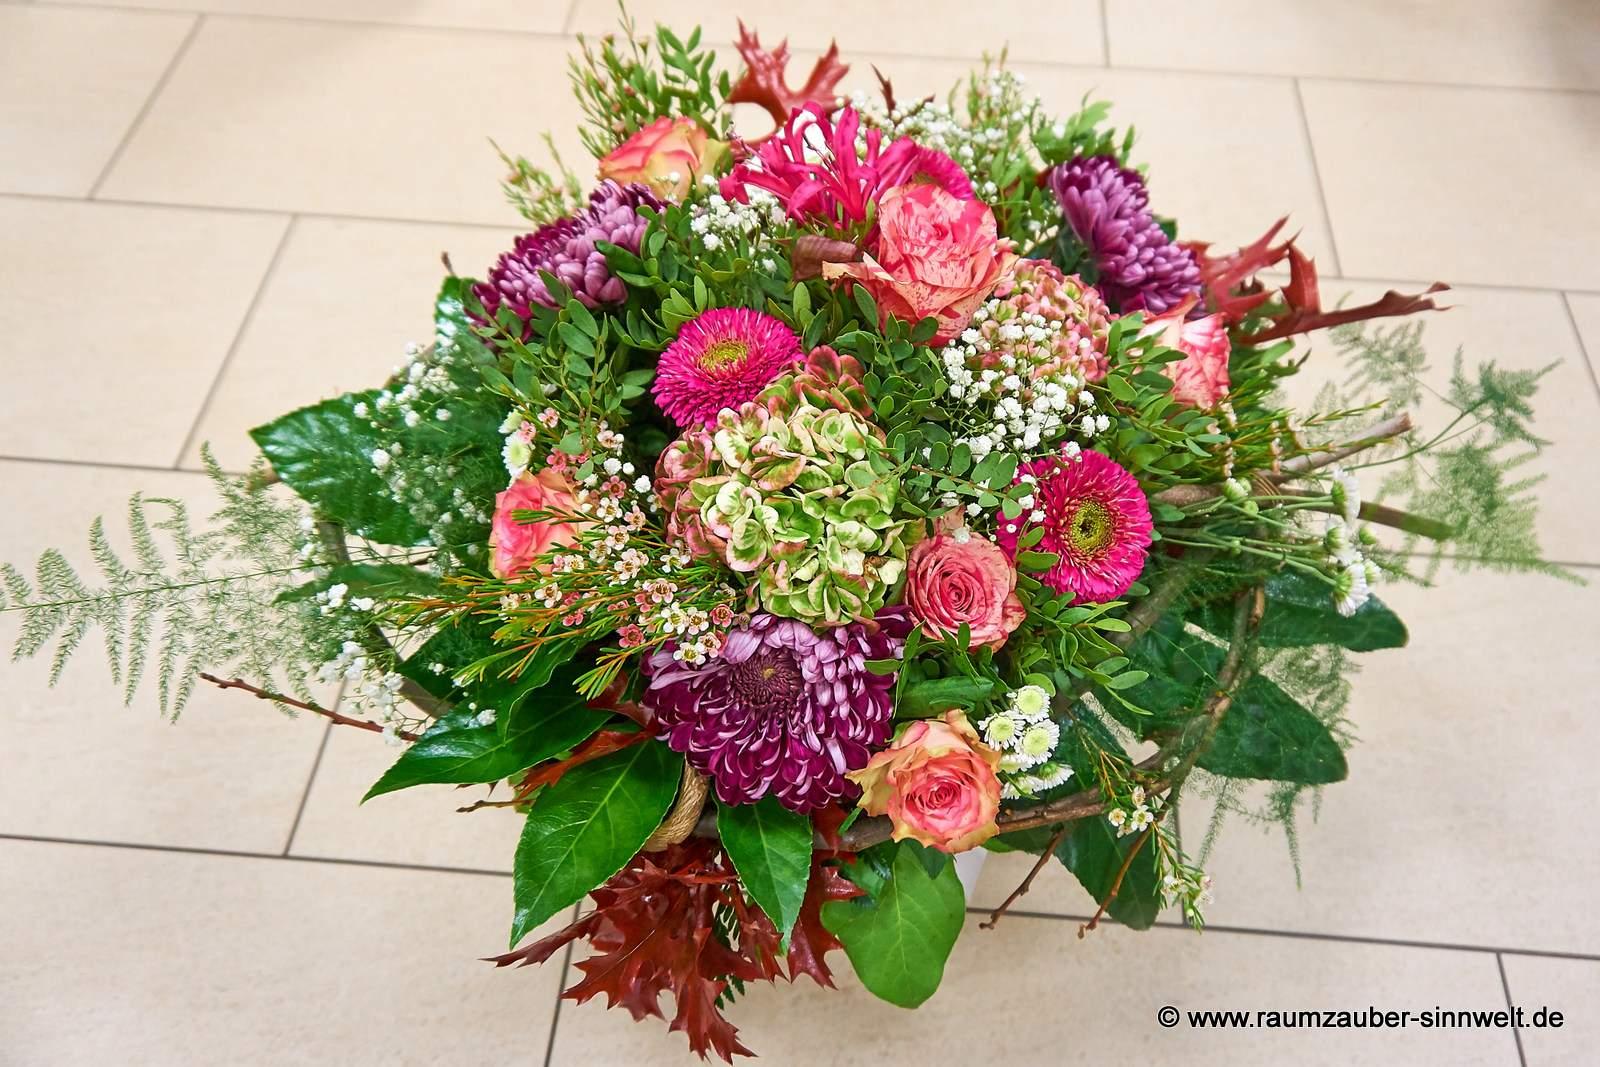 Strauß mit Rosen, Hortensien, Gerbera und Chrysanthemen